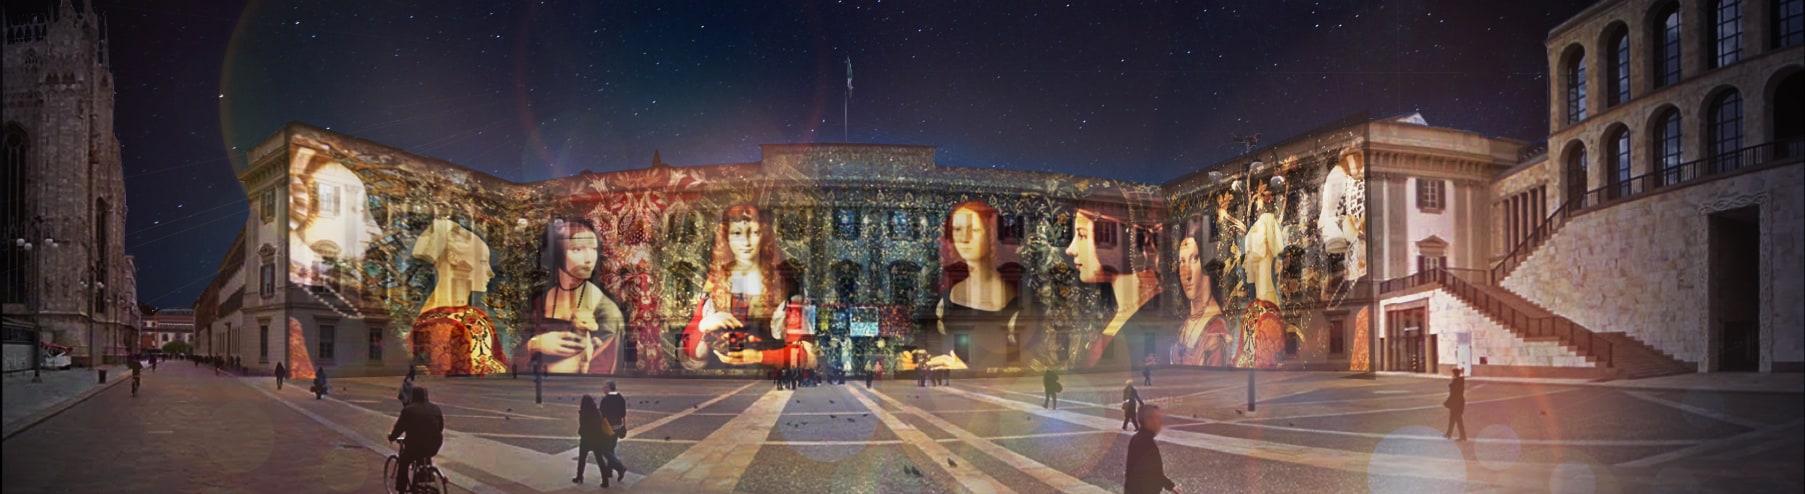 L'ETÀ D'ORO DI MILANO XV| Opera urbana per musica e immagini